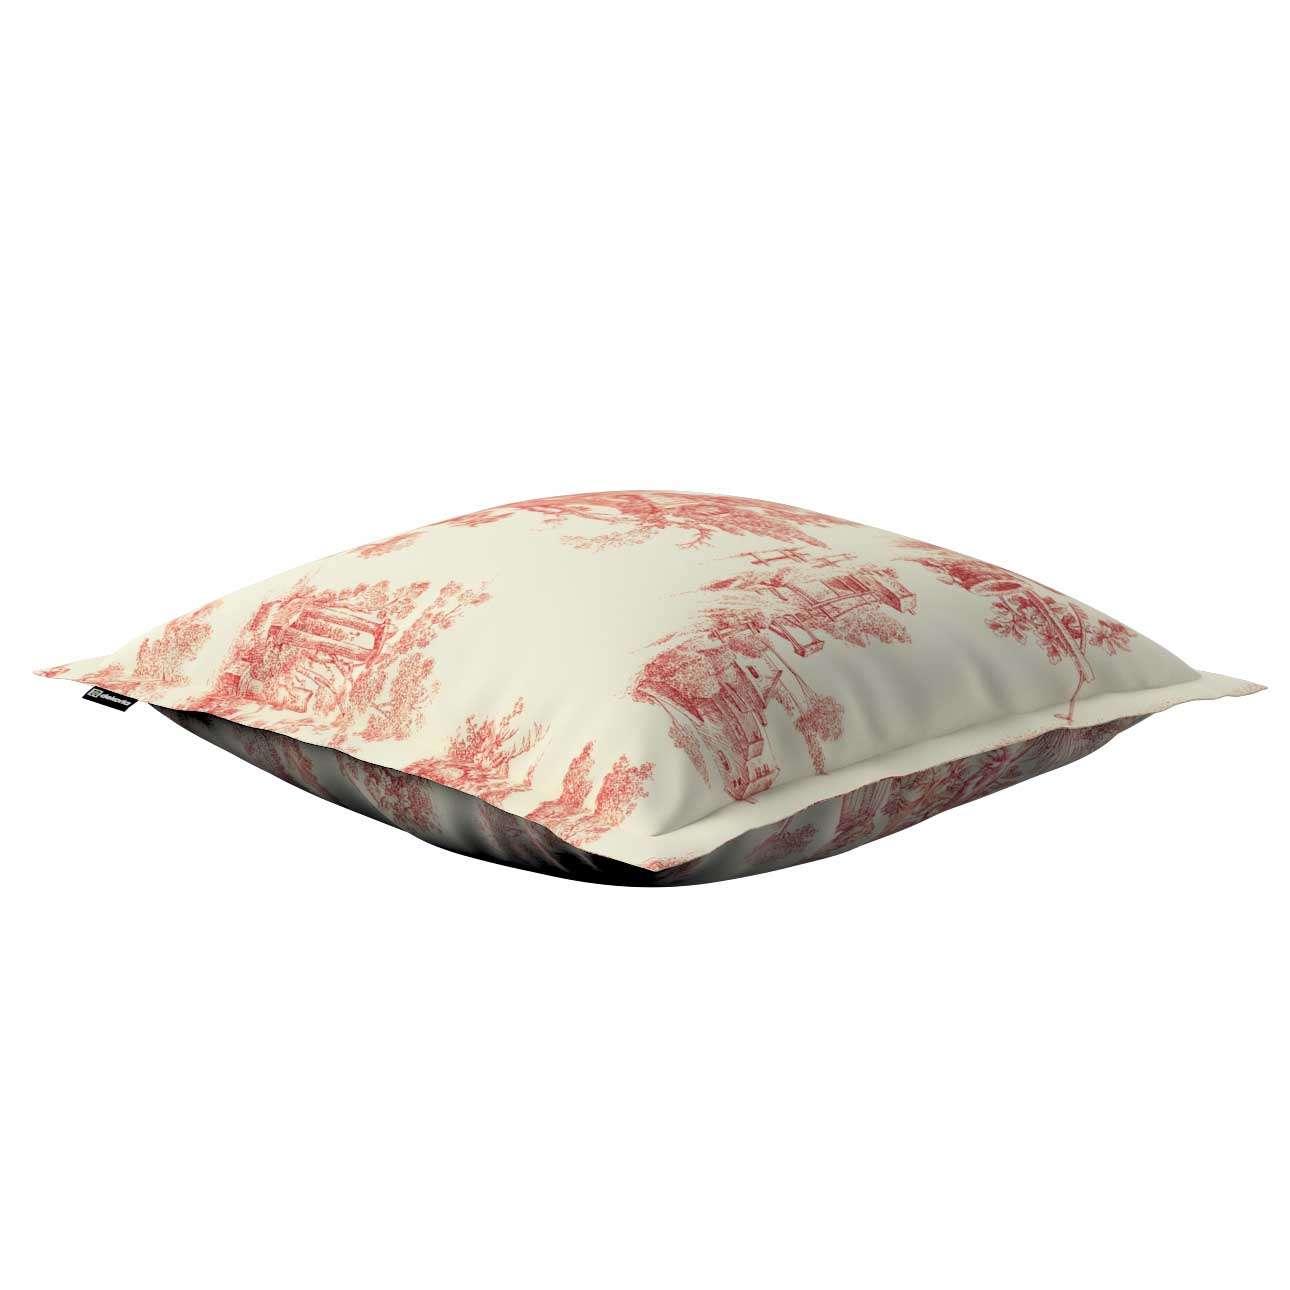 Poszewka Mona na poduszkę 38x38 cm w kolekcji Avinon, tkanina: 132-15